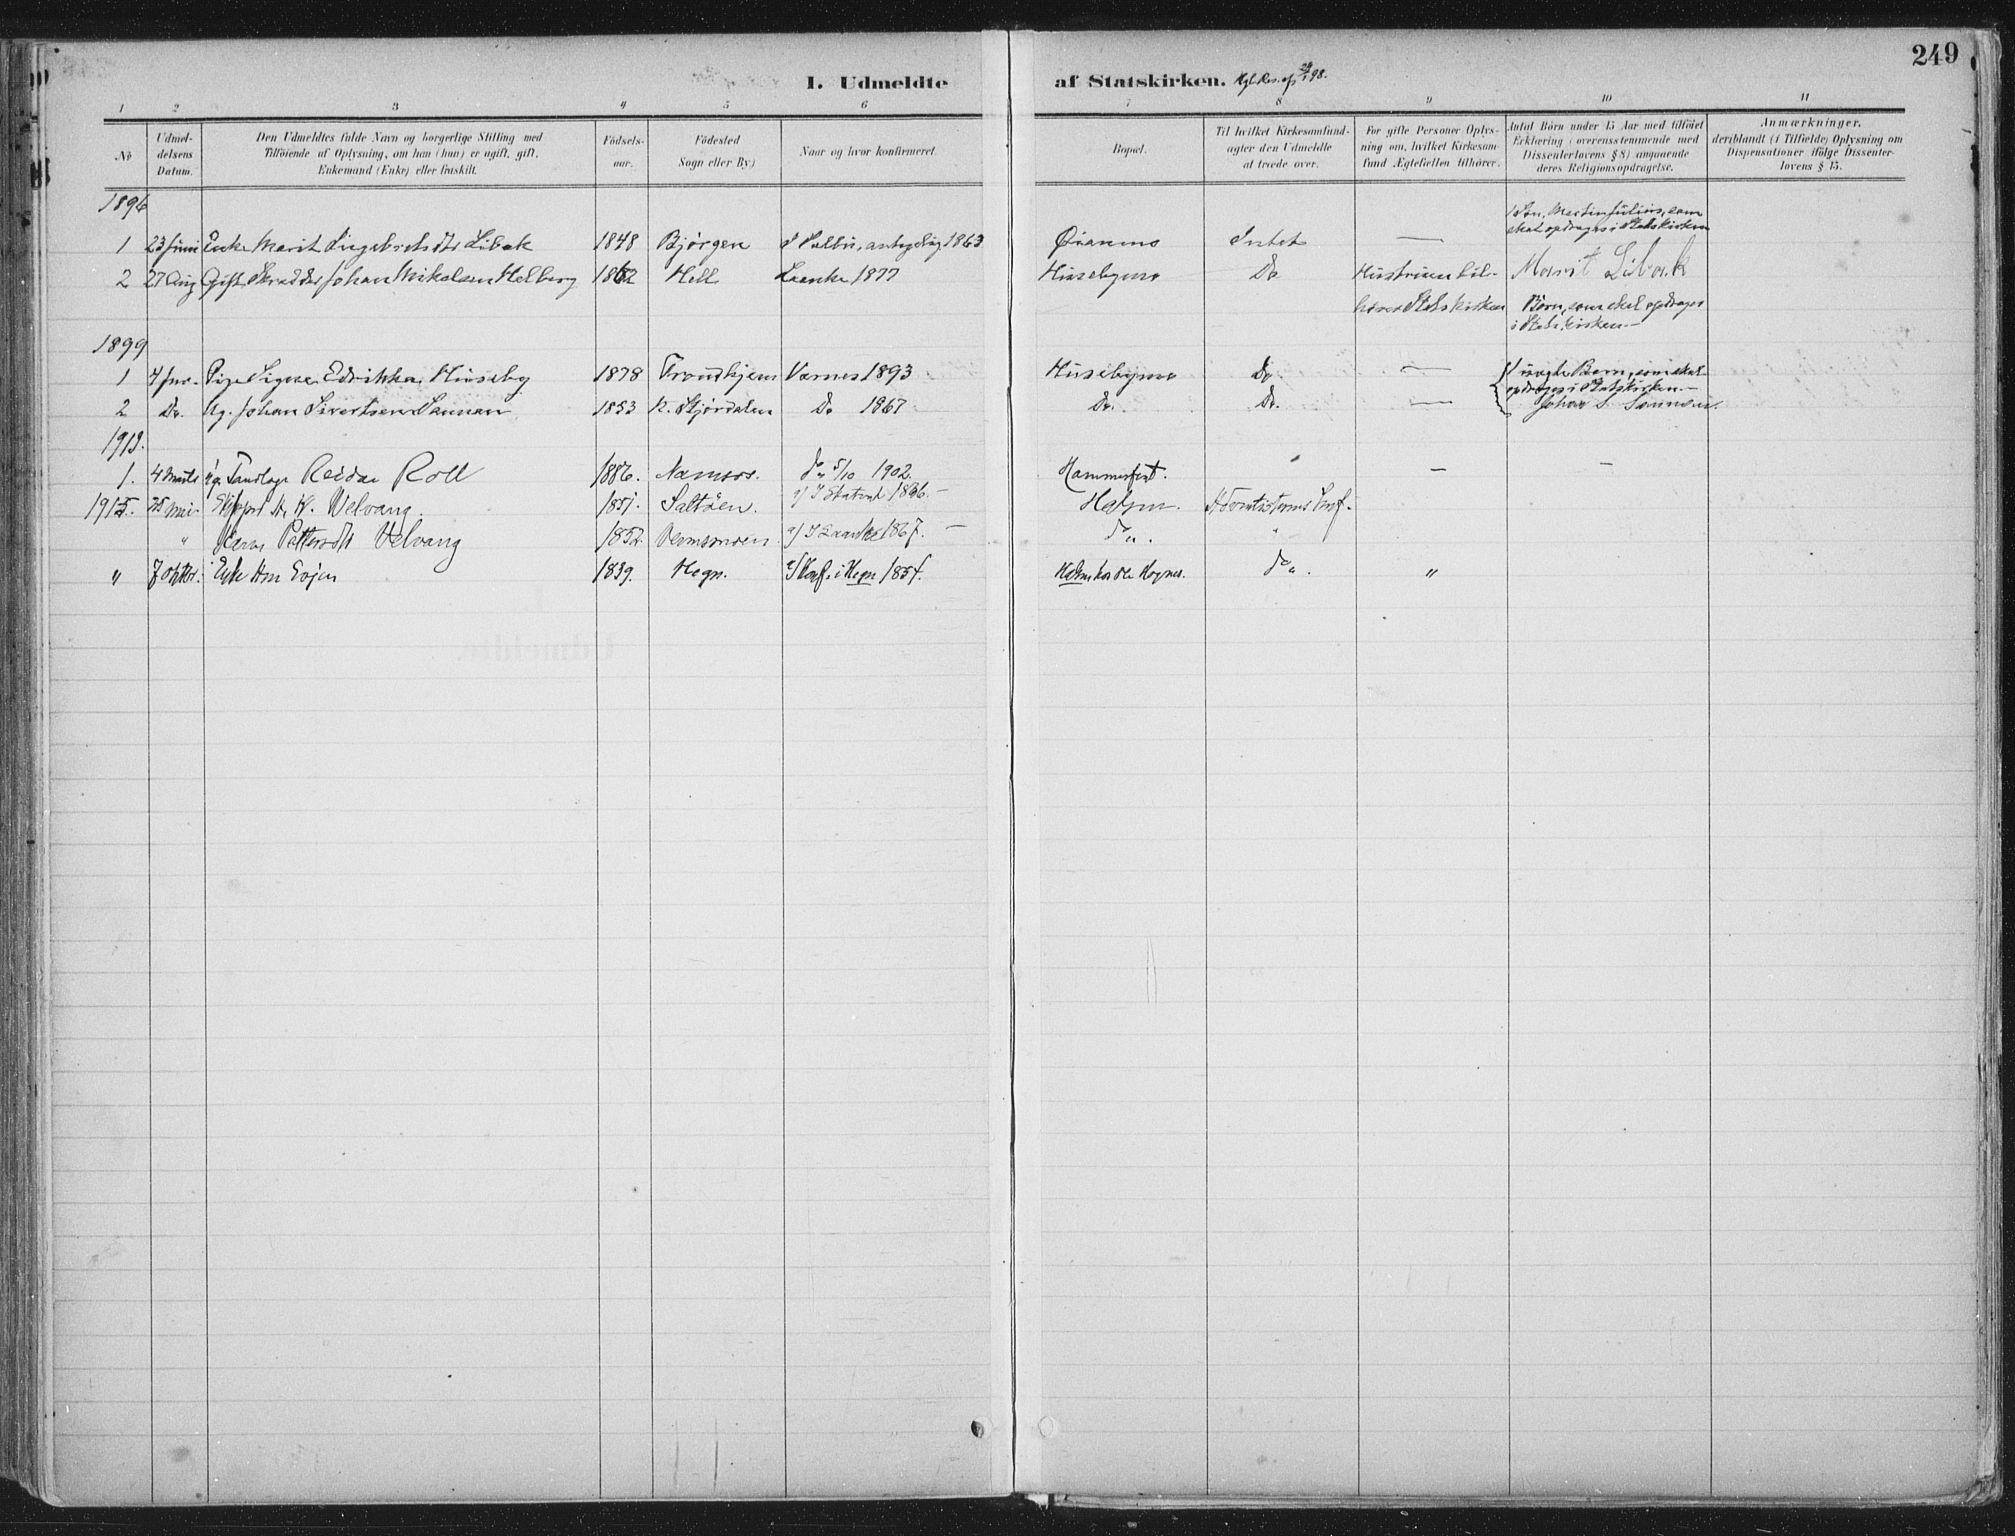 SAT, Ministerialprotokoller, klokkerbøker og fødselsregistre - Nord-Trøndelag, 709/L0082: Ministerialbok nr. 709A22, 1896-1916, s. 249